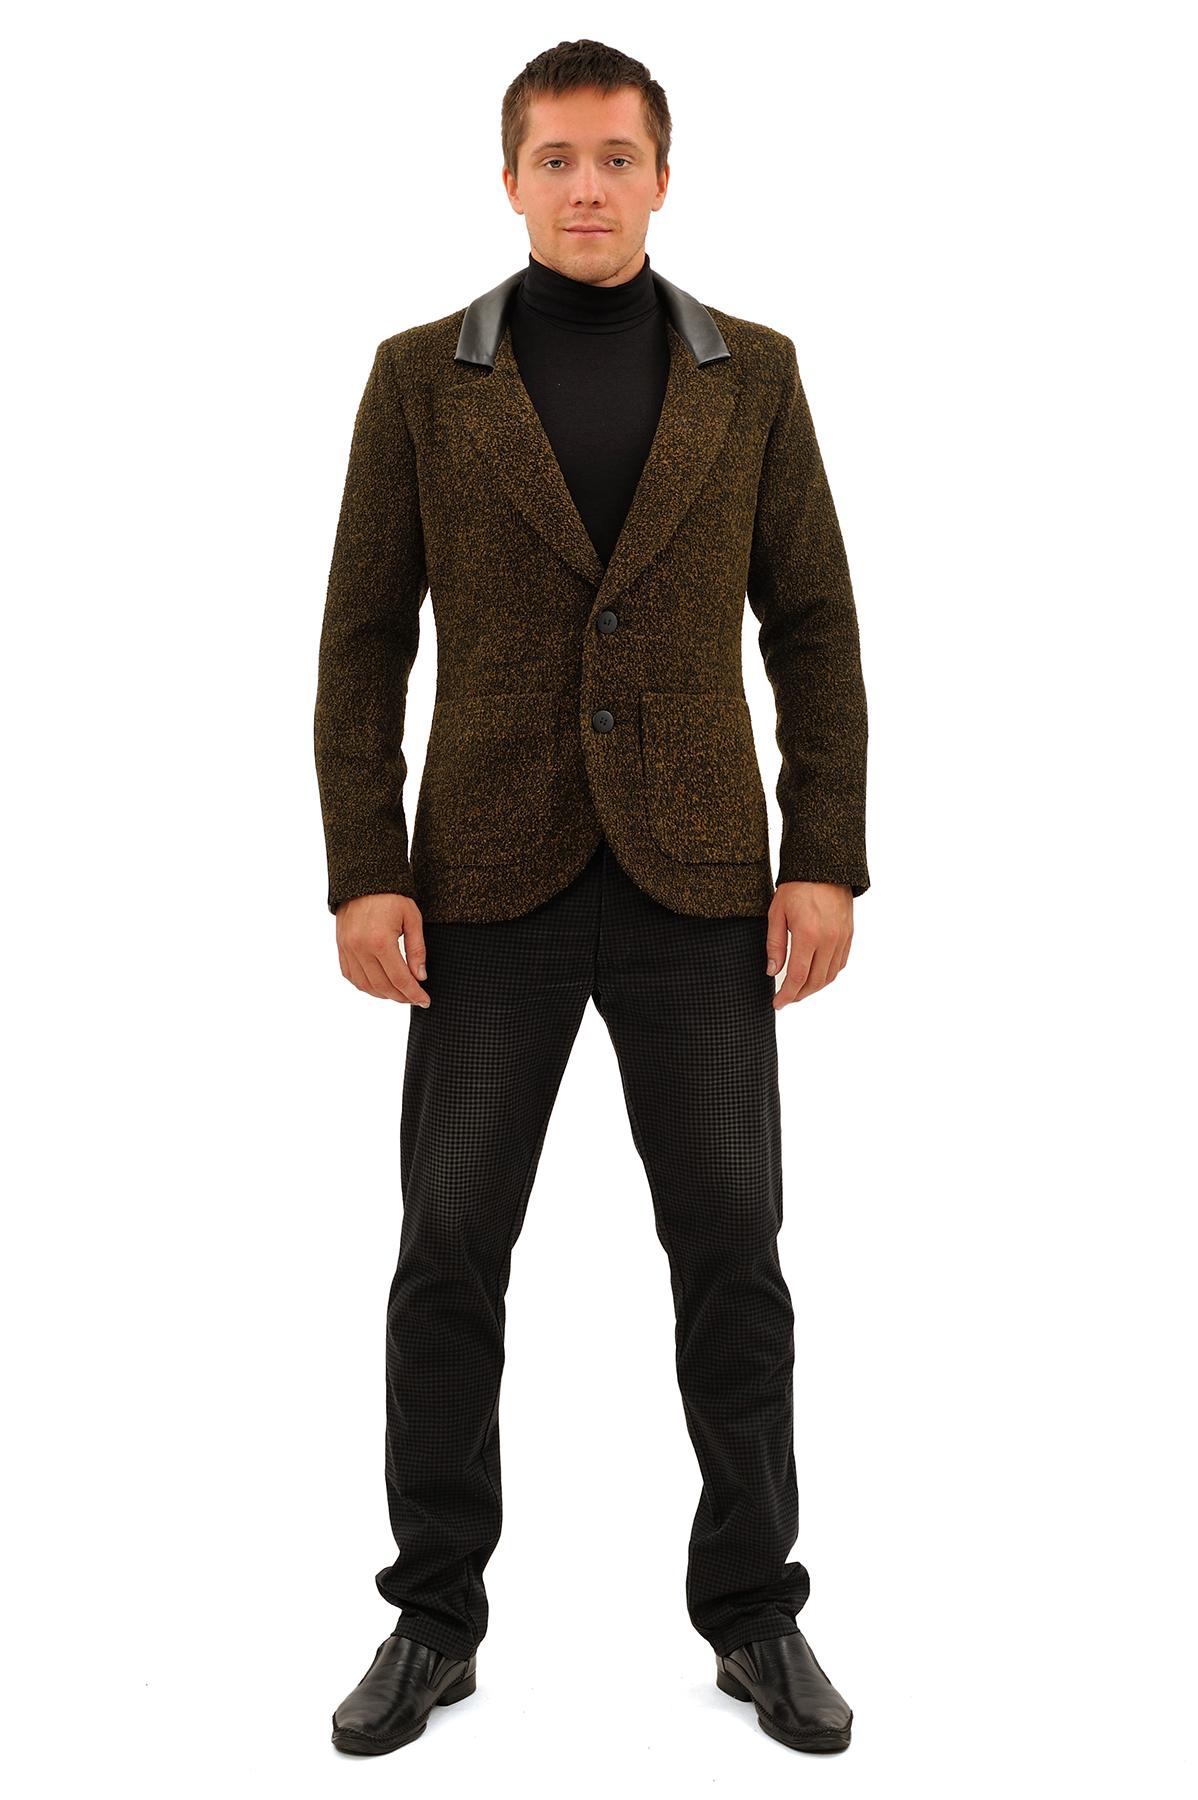 ПиджакПиджаки, жилеты<br>Этот великолепный пиджак стирает все стереотипы, и позволят примерить на себя новый яркий и интересный образ. Модель приталенного покроя с застежкой на пуговицы и накладными карманами. Особенность данной  модели – это комфортный материал букле и отделка и<br><br>Цвет: хаки<br>Состав: ткань-30%шерсть, 30%полиэстер, 30%акрил, 10%полиамид, подкладка -54%полиэстер, 46%вискоза<br>Размер: 44,46,48,50,52,56,58<br>Страна дизайна: Россия<br>Страна производства: Россия